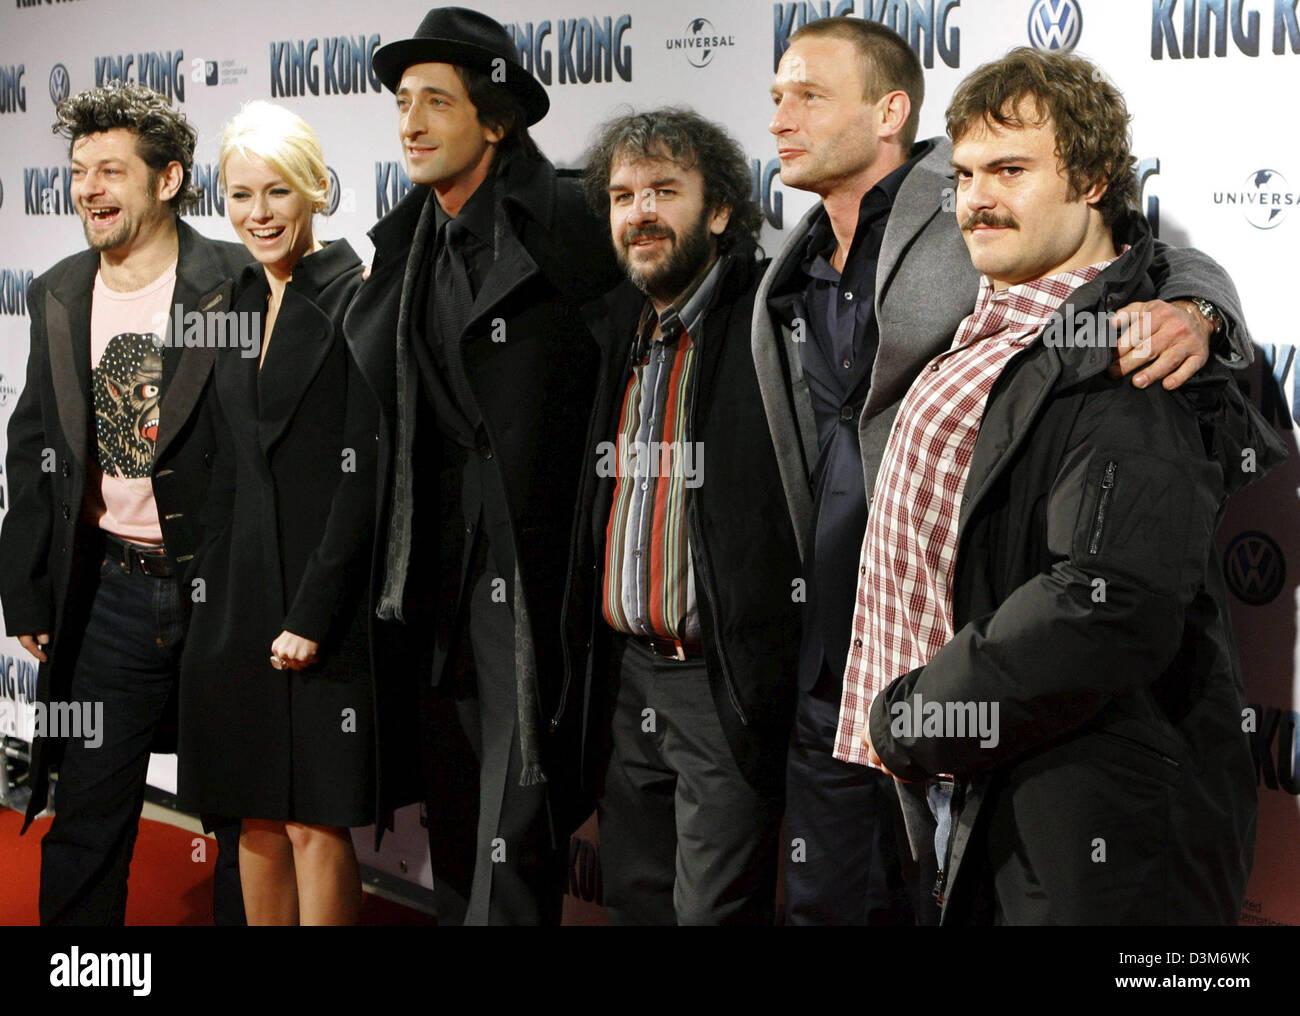 Dpa) Regisseur Peter Jackson (3. v. R) und Schauspieler